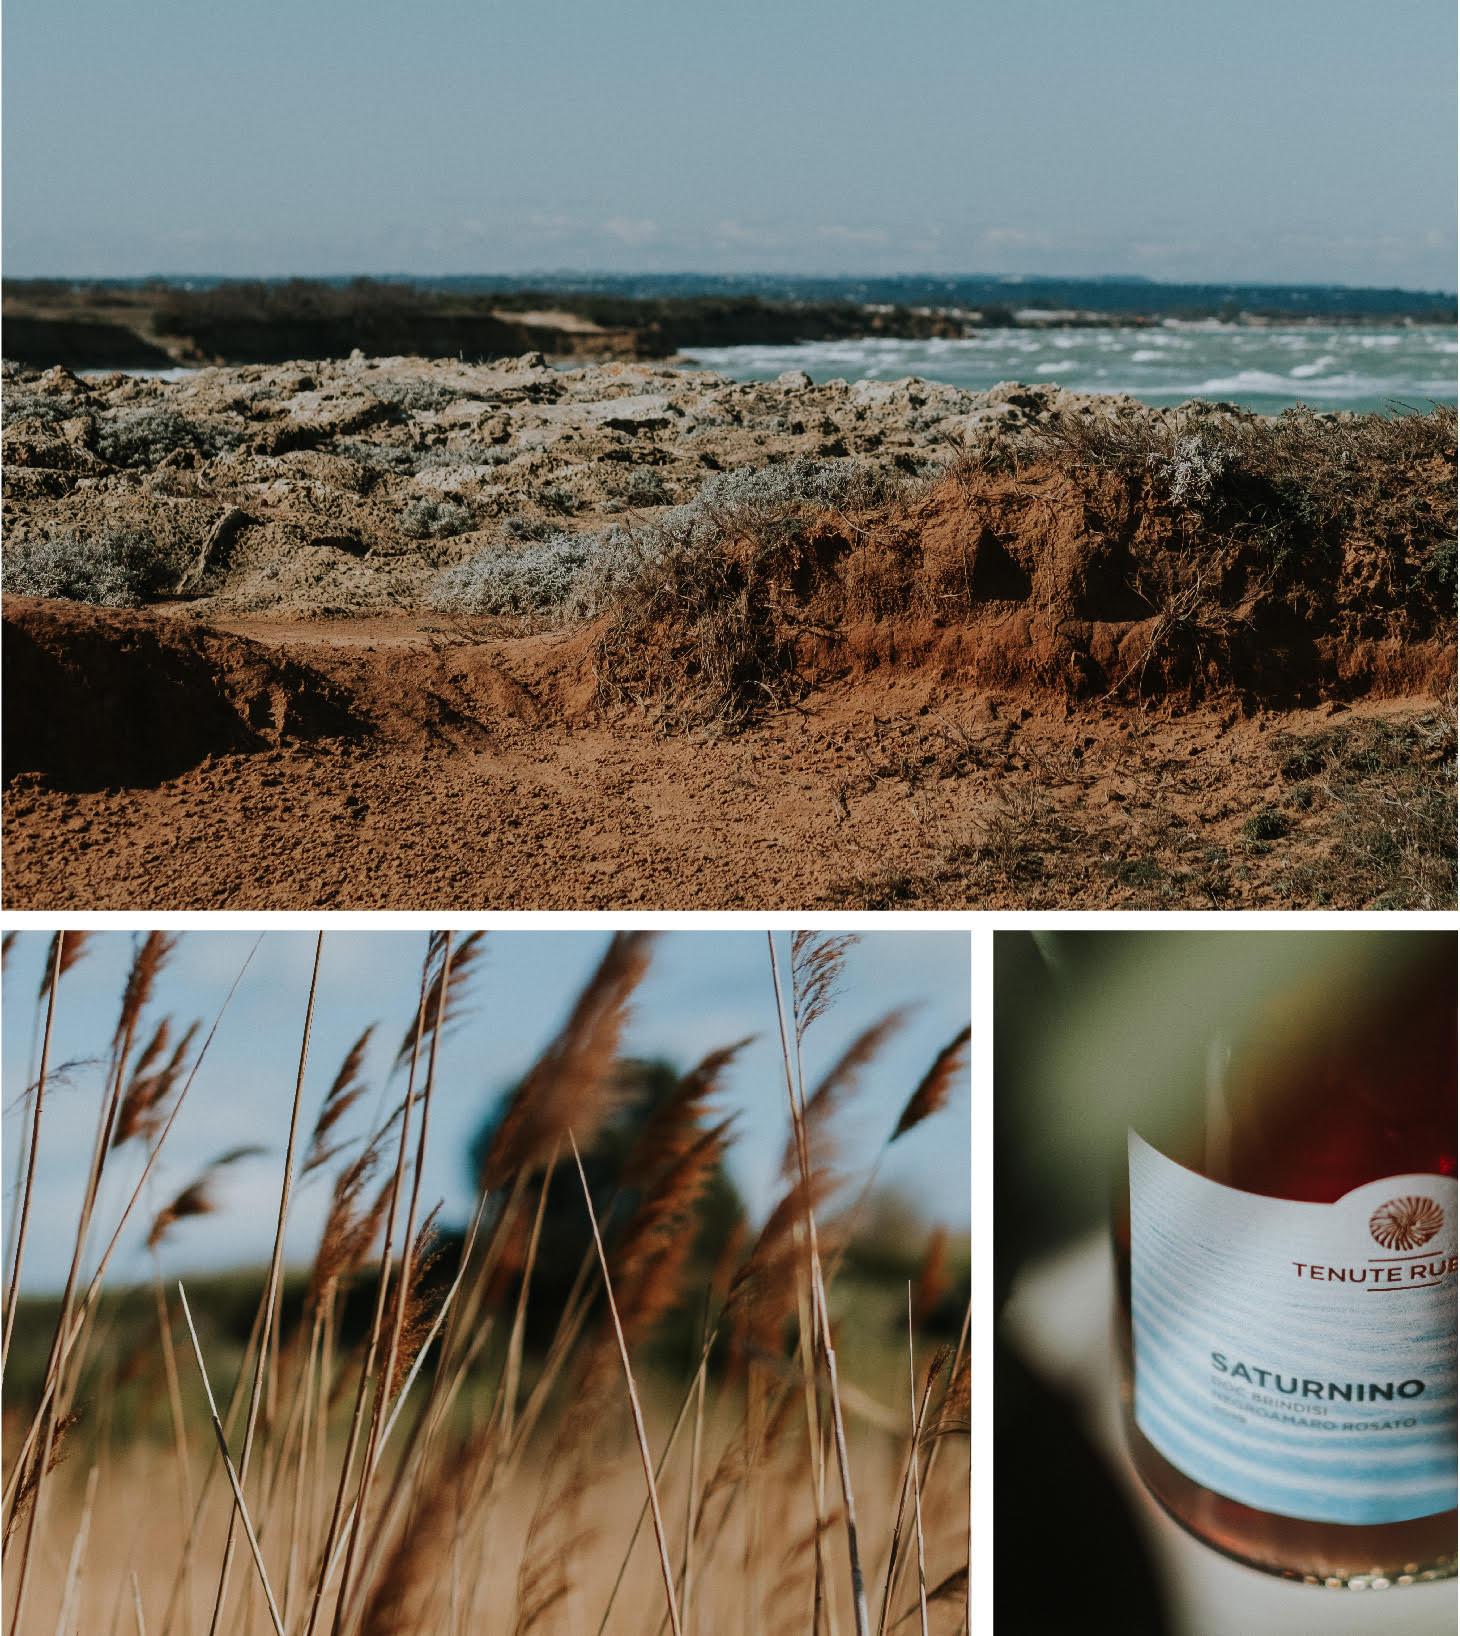 Saturnino 2019 - Tenute Rubino | I vini della Puglia